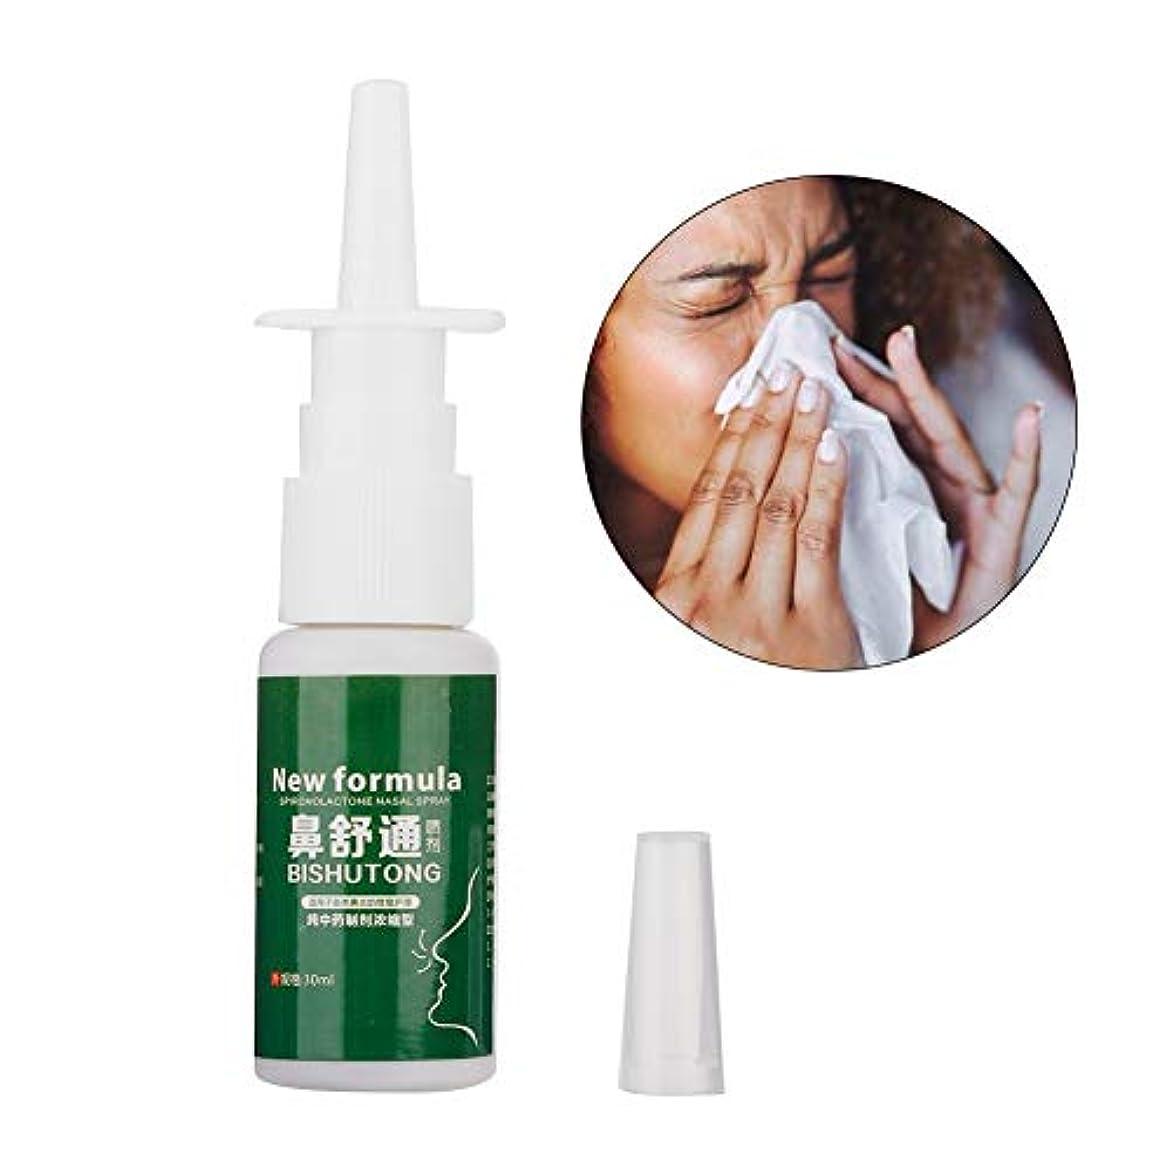 鼻アレルギー鼻炎スプレー、30ml鼻炎ハーブスプレー鼻アレルギーとかゆみ鼻炎のための漢方薬